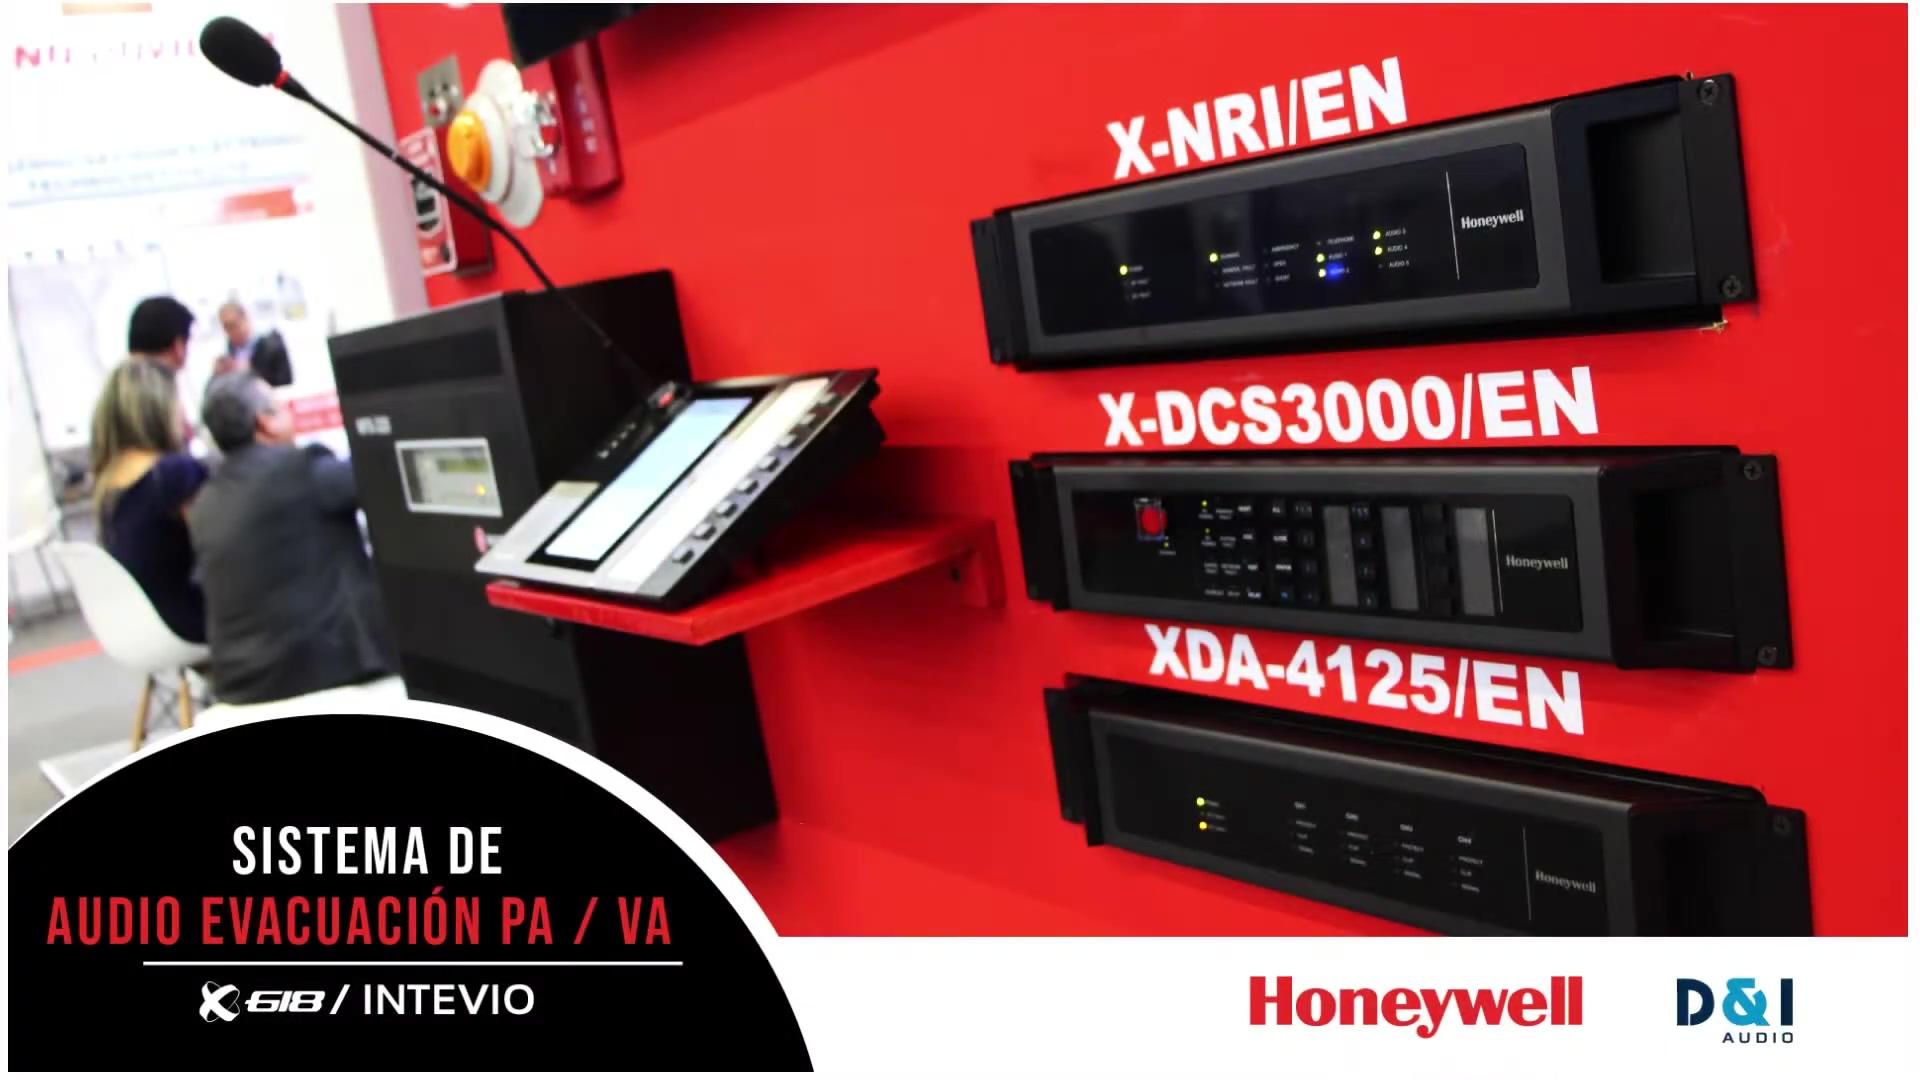 PAVA System  Sistemas de Audio Evacuación X618 by Honeywell_1080p